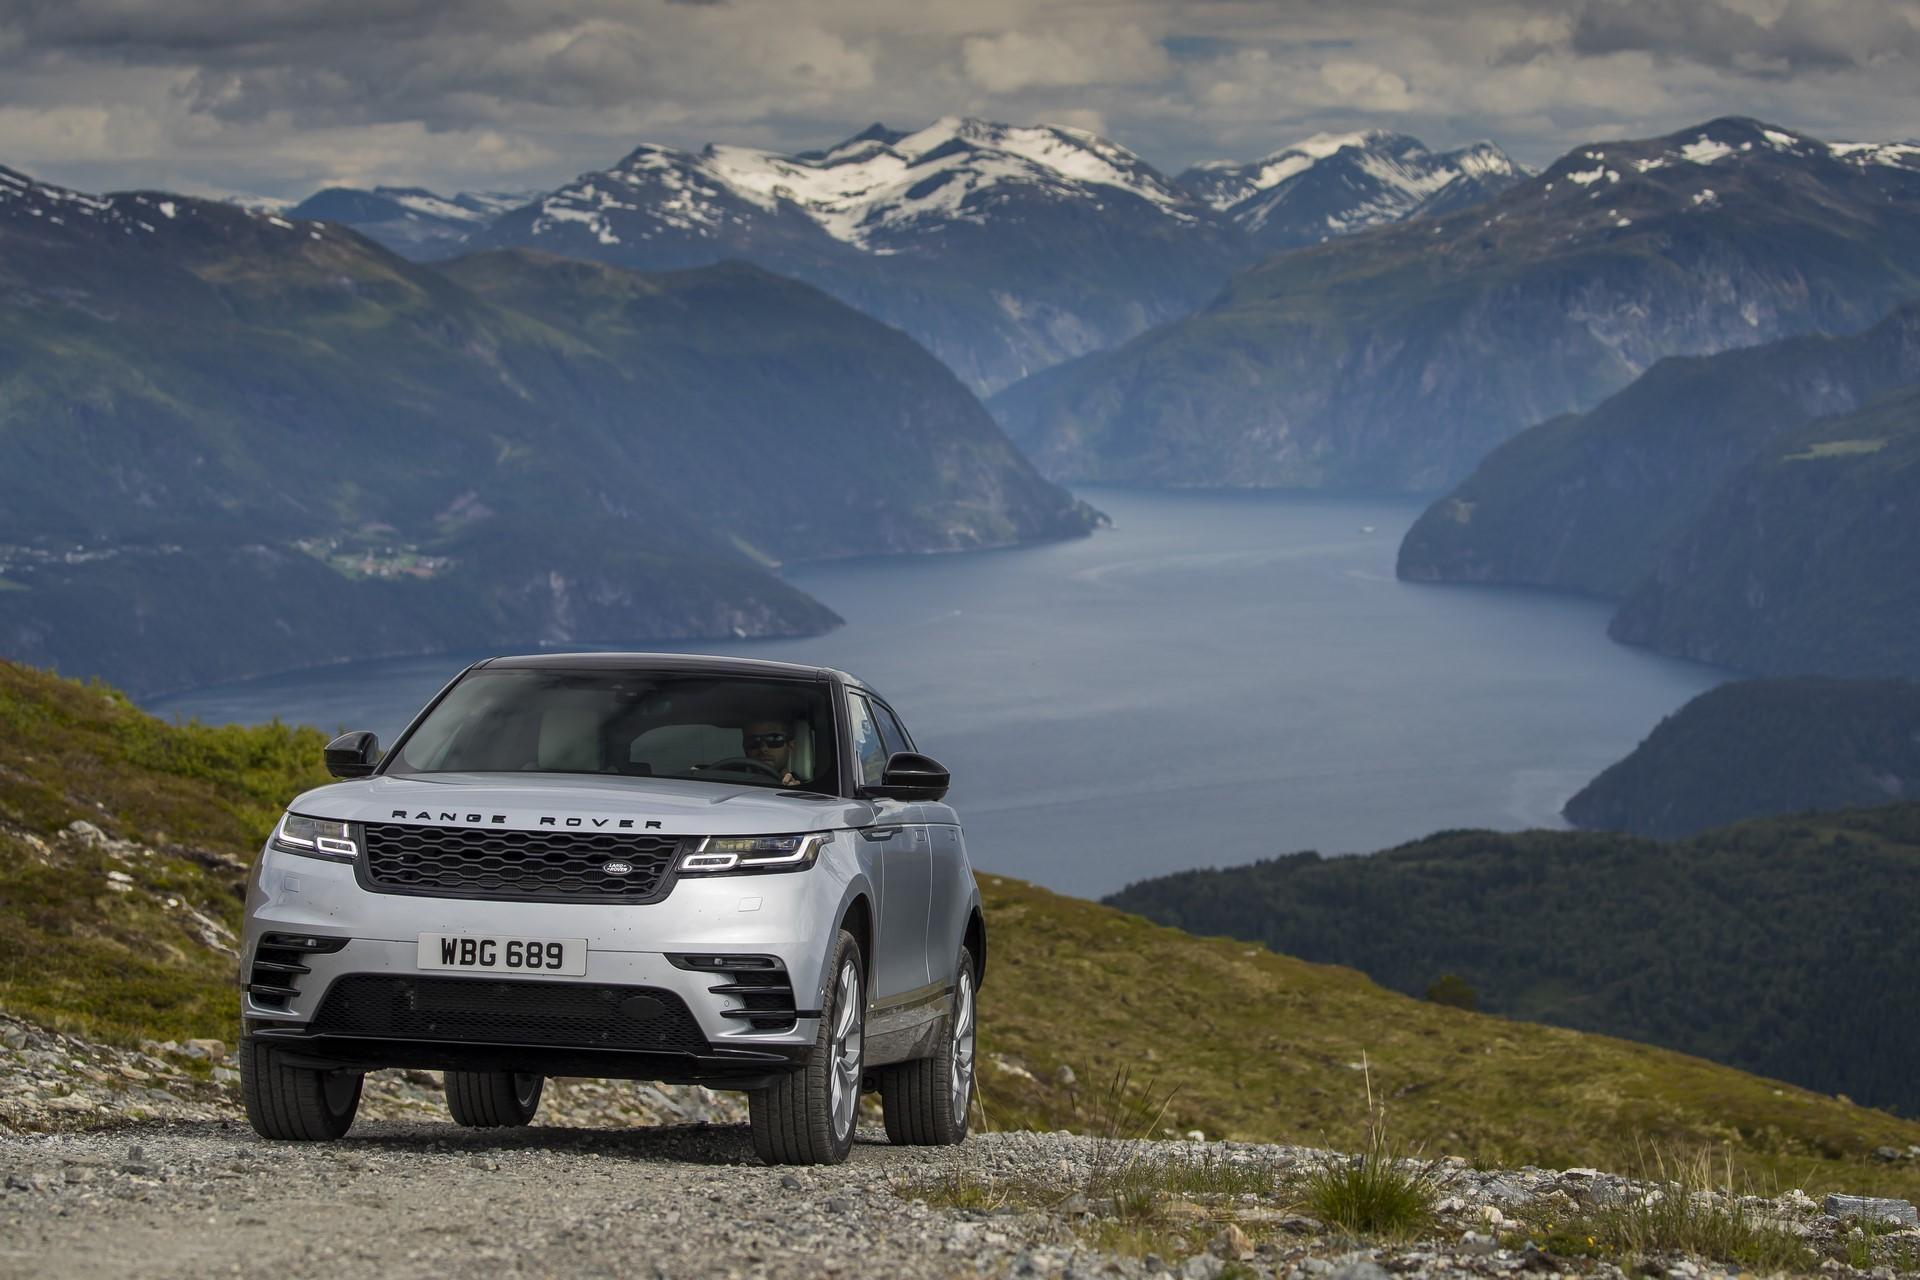 Range Rover Velar 2018 (4)